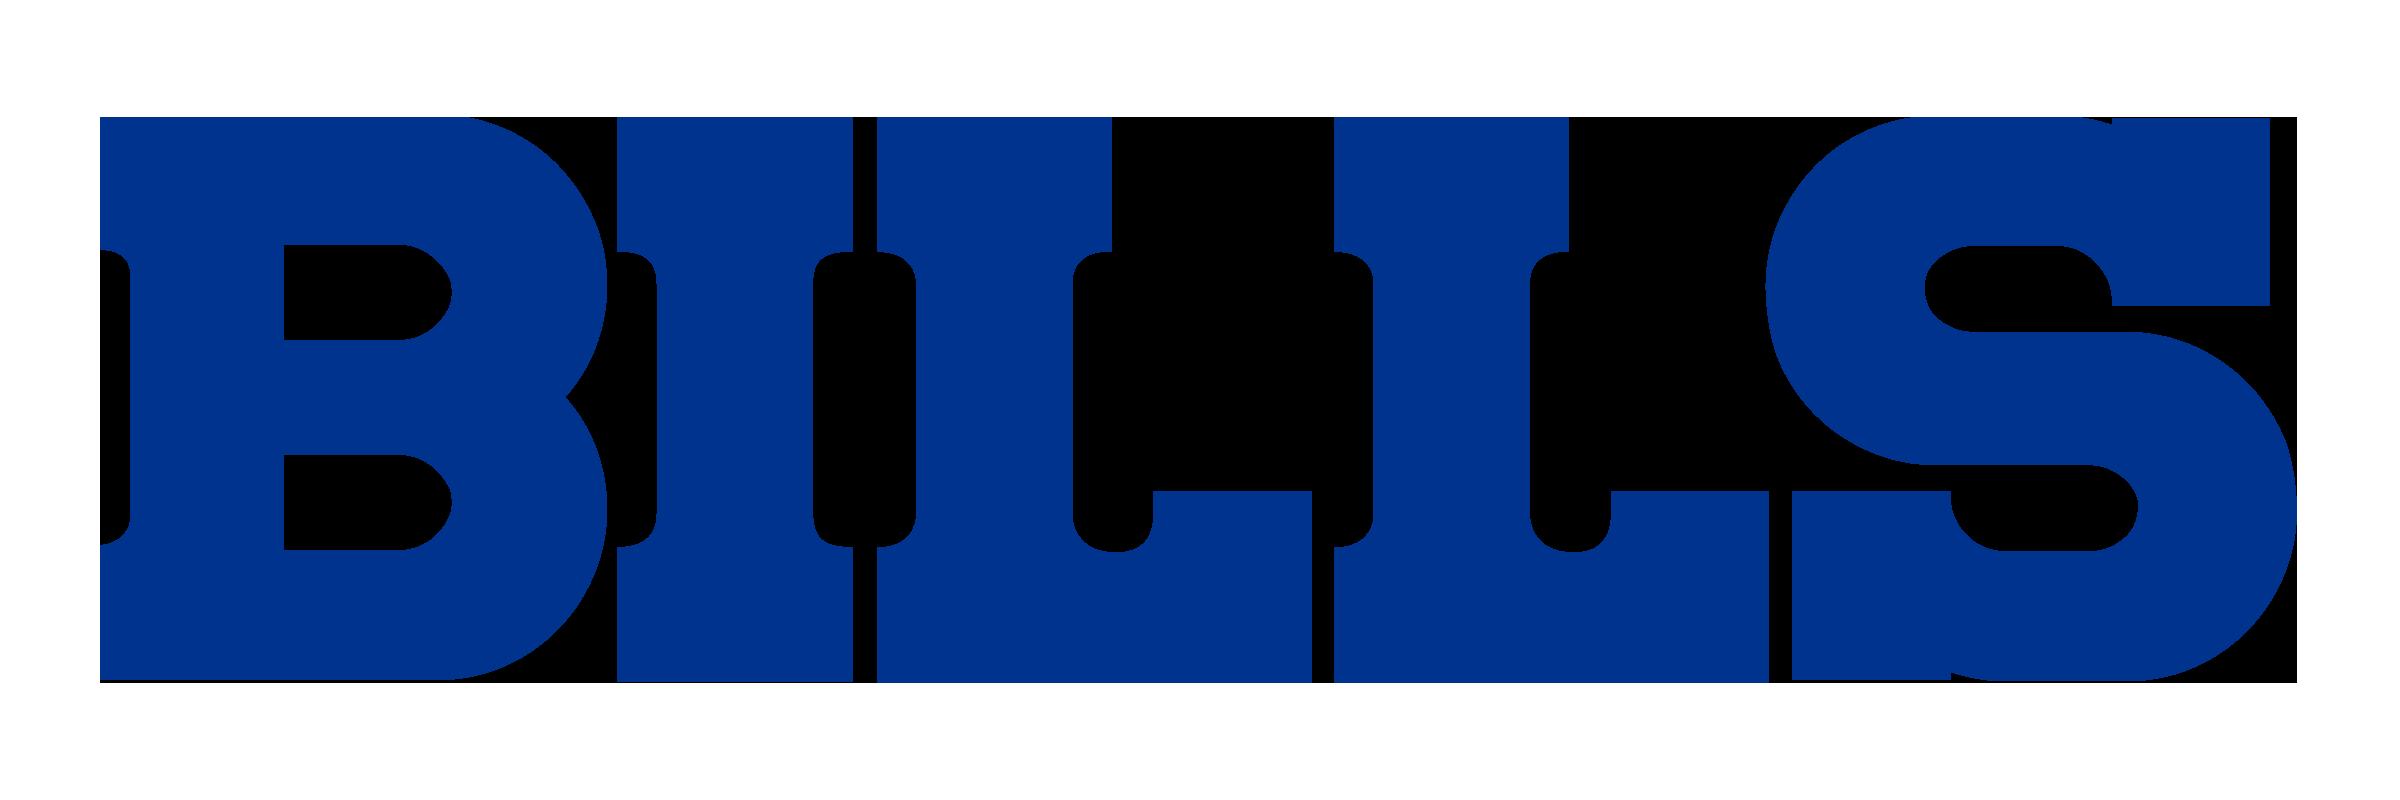 Bills Logos